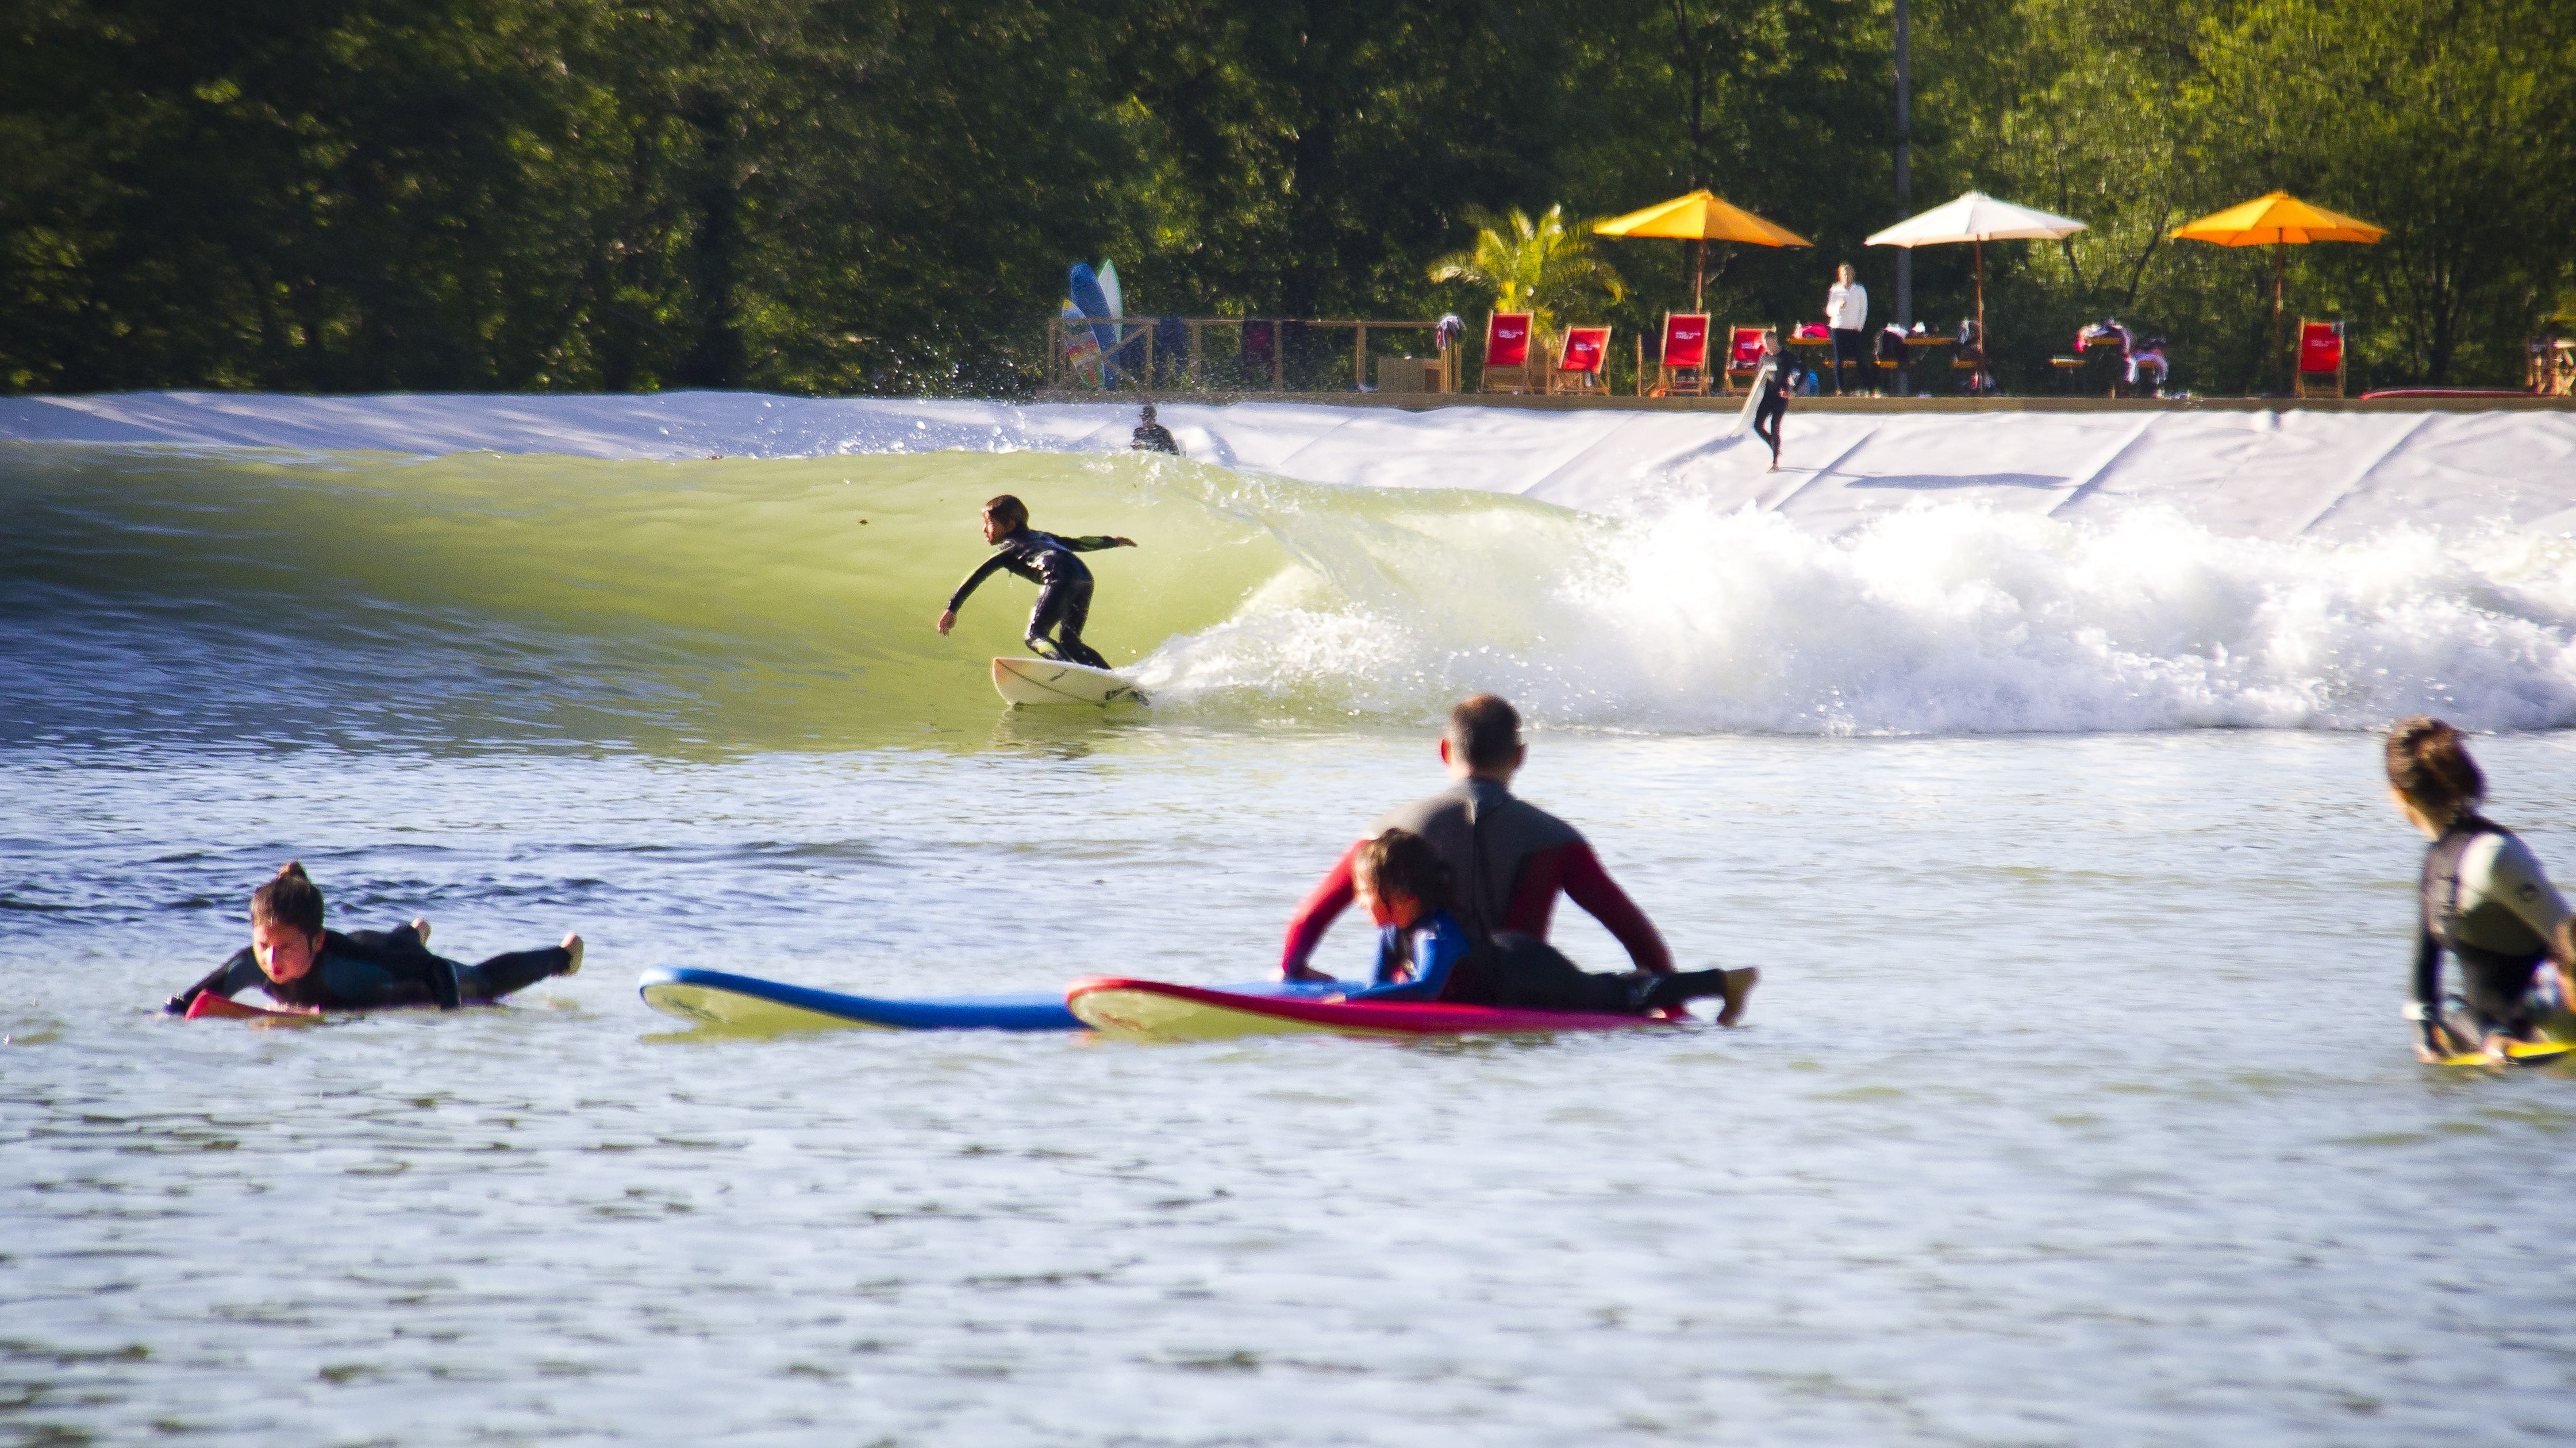 Future_surfing_star_at_Wavegarden_1